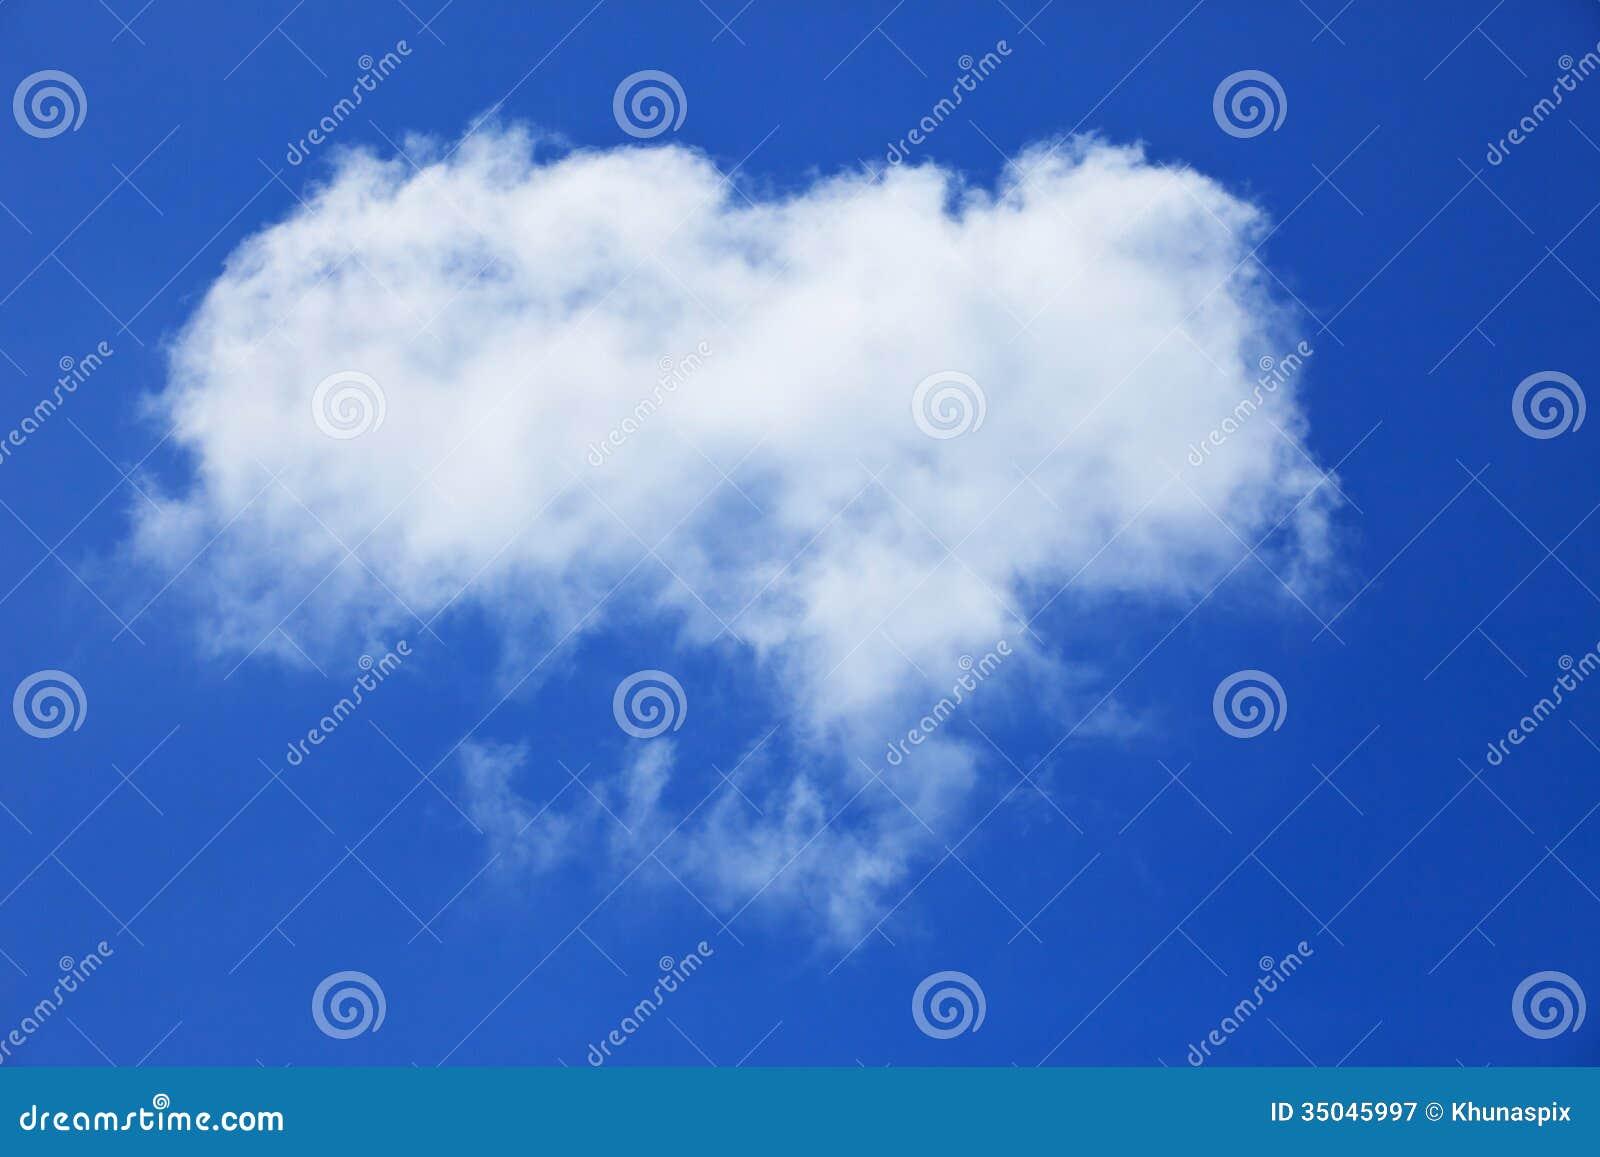 Forme Gratuite De Nuage Blanc Sur Le Ciel Bleu Image Stock Image